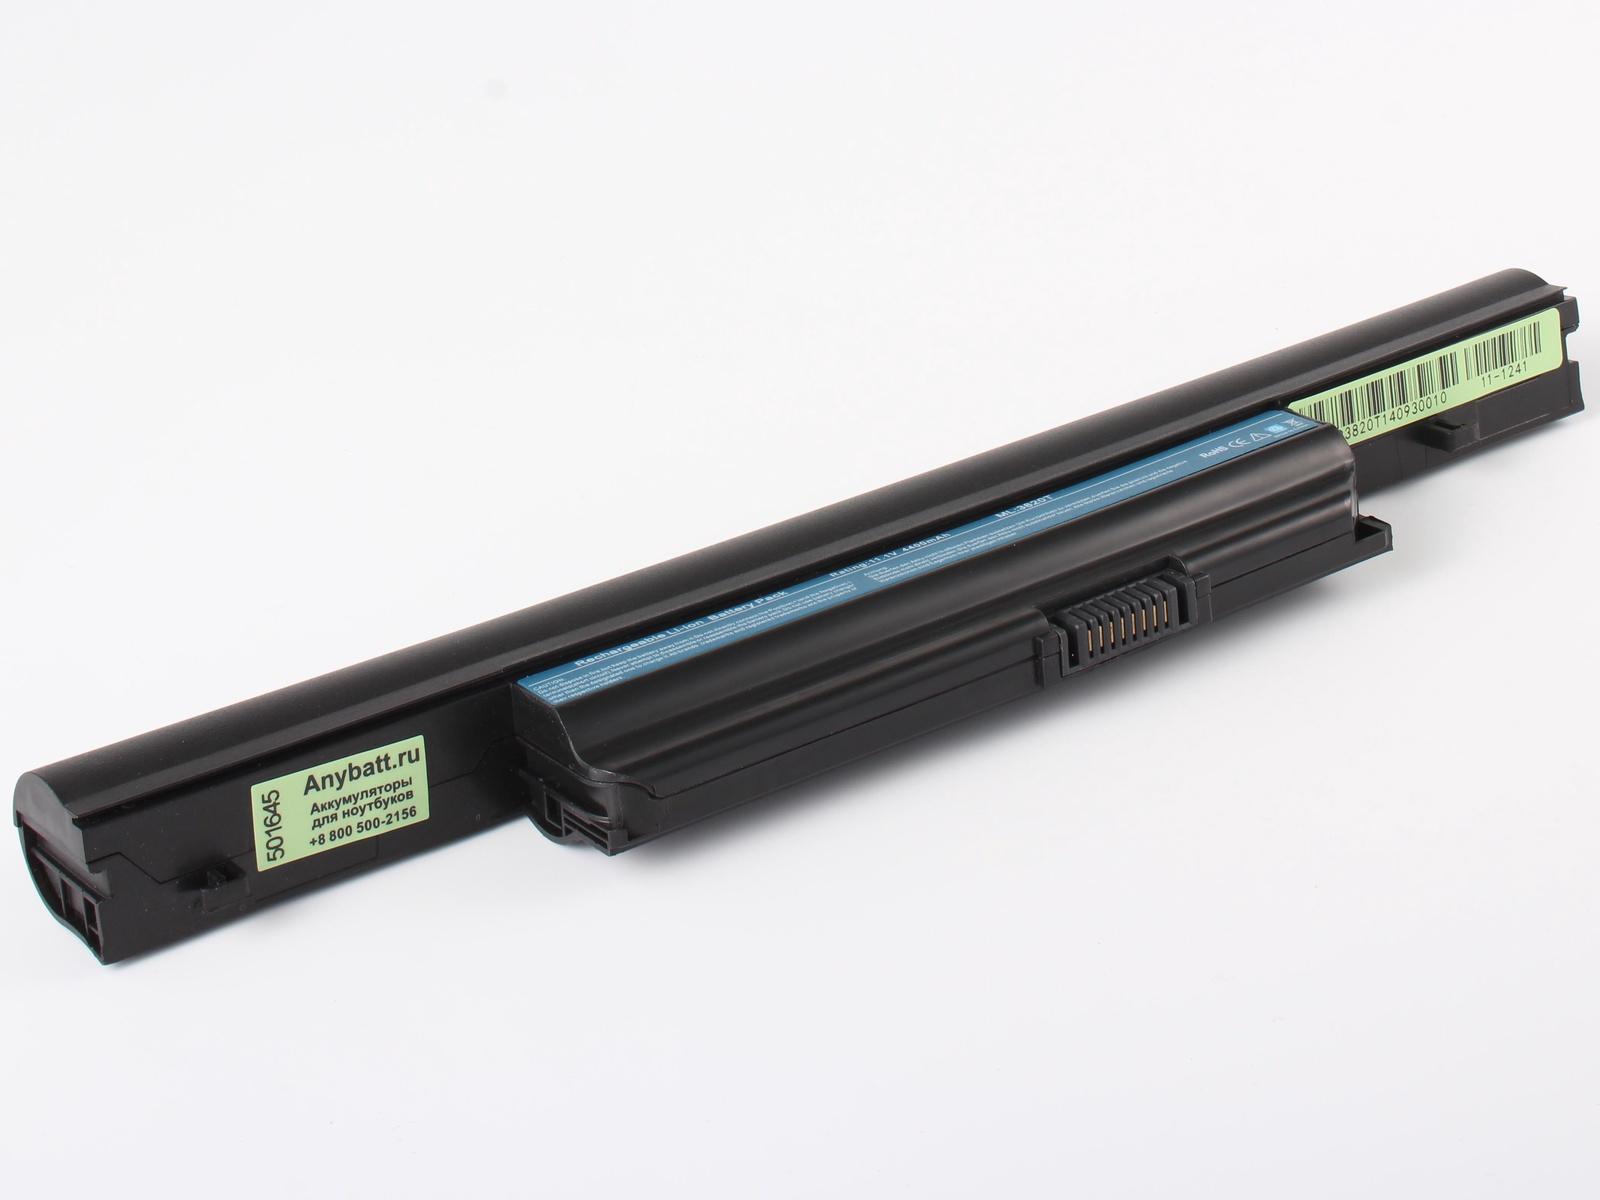 Аккумулятор для ноутбука AnyBatt для Acer Aspire TimelineX 4820TG-5464G50Miks, Aspire TimelineX 5820TG-353G32Miks, Aspire TimelineX 5820TG-484G64Miks, Aspire TimelineX 5820TG-5454G50Miks, Aspire 5553G-N956G75Biks цена в Москве и Питере